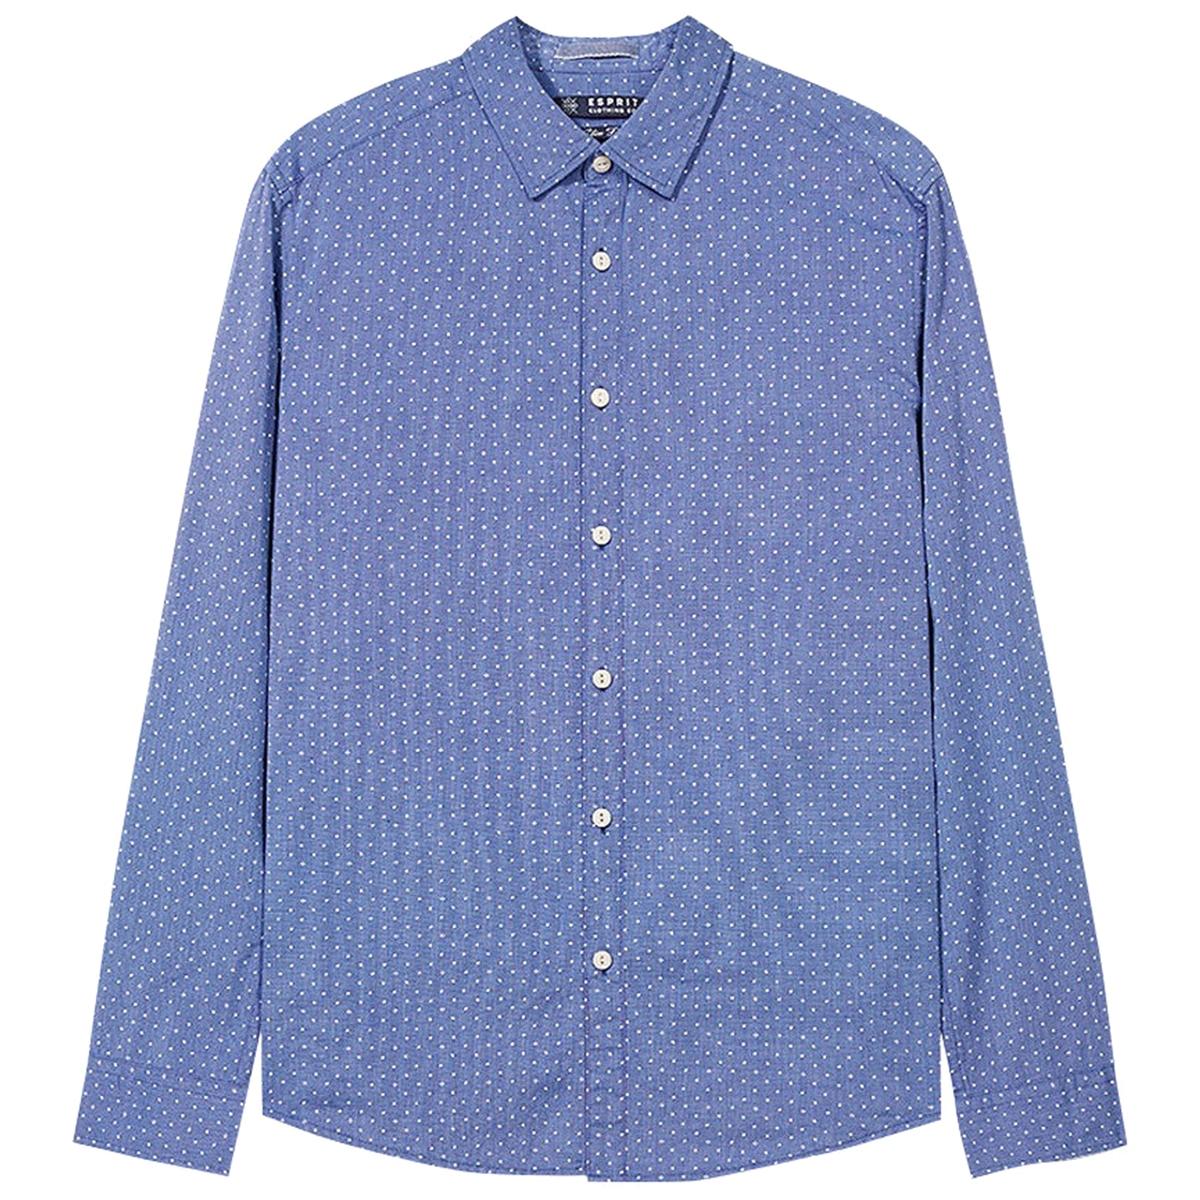 Рубашка в горошекРубашка прямого покроя. Воротник со свободными уголками. Длинные рукава. Состав и описаниеМатериал          100% хлопокМарка          ESPRITУходМашинная стирка при 30 °С с вещами схожих цветовСтирать и гладить с изнаночной стороныМашинная сушка в умеренном режимеГладить при низкой температуре<br><br>Цвет: синий<br>Размер: S